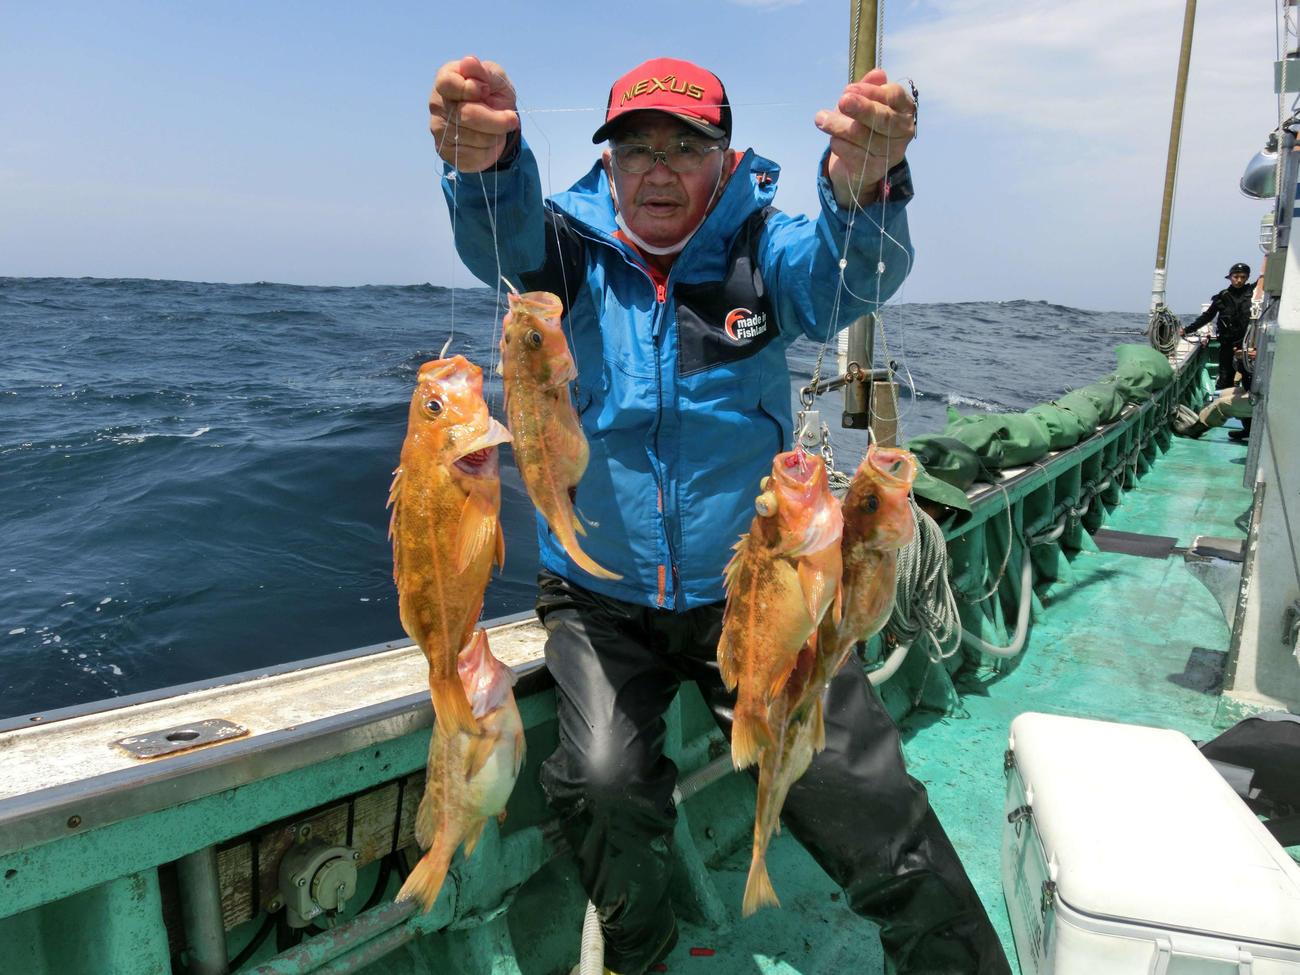 ヤナギノマイを針数釣り上げた玉村秀夫さん